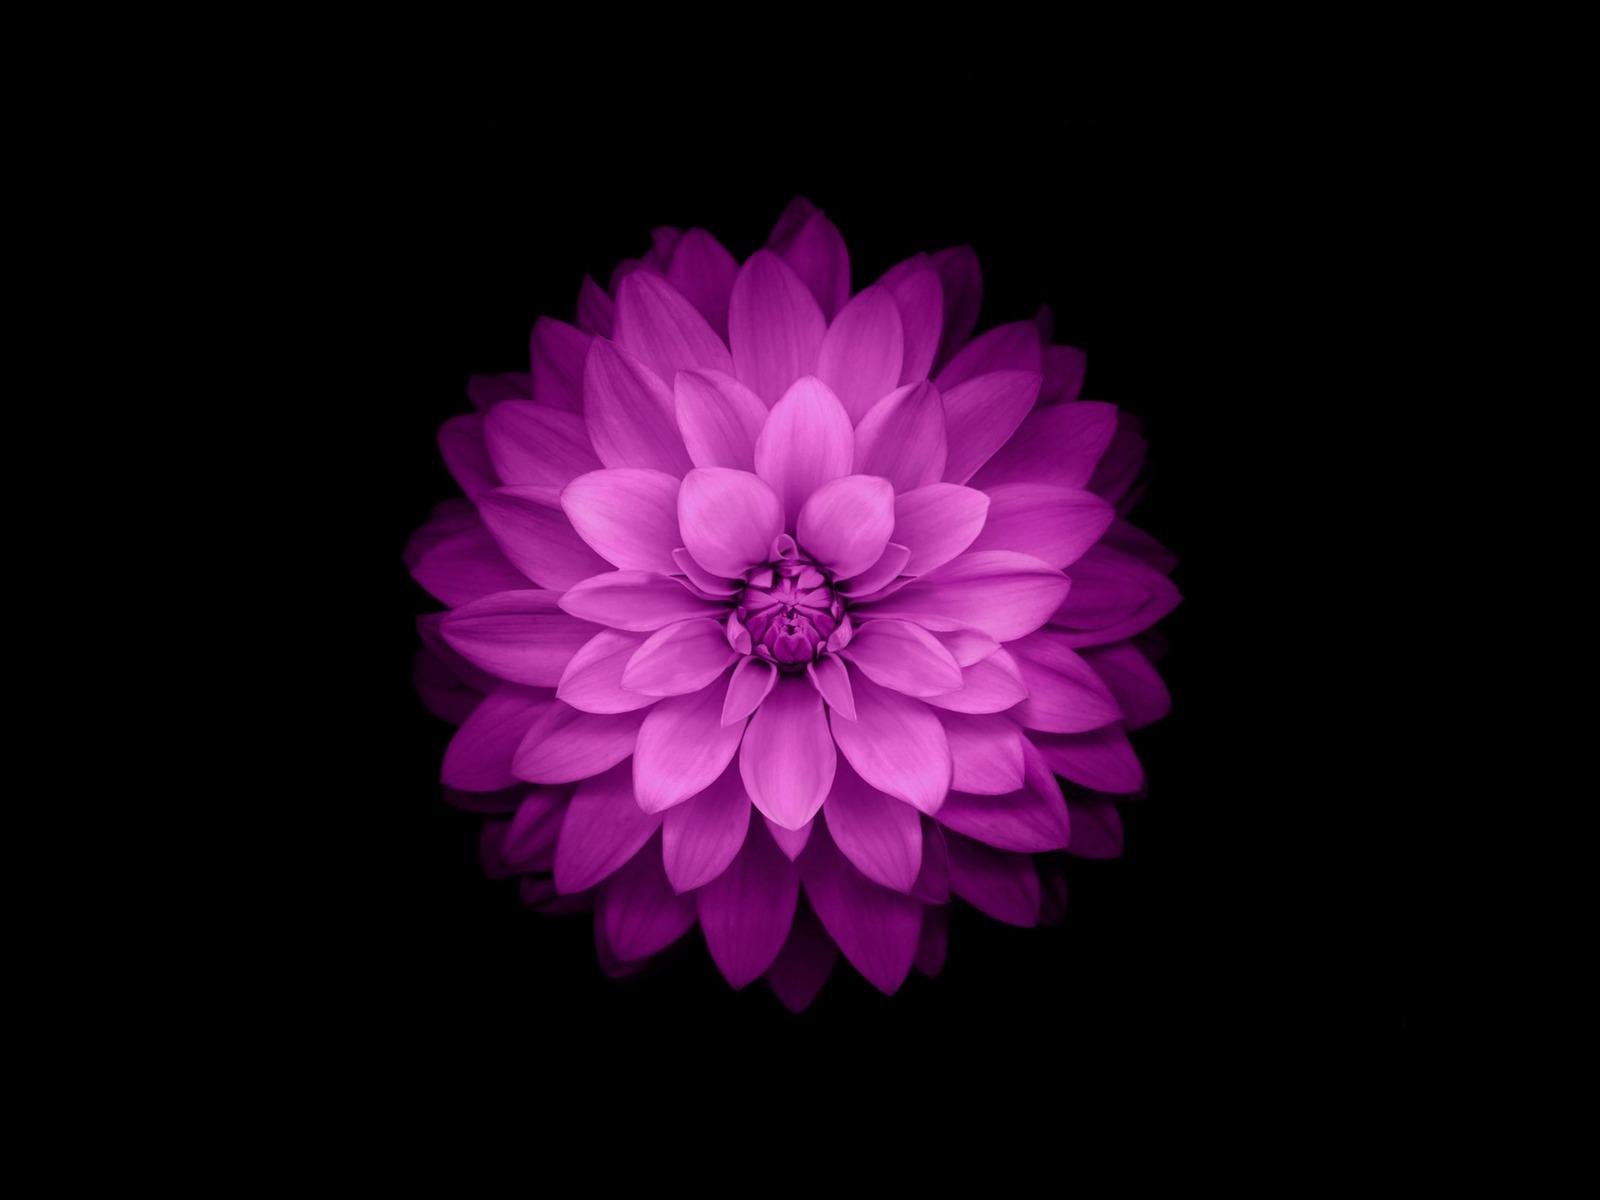 Iphone紫の花 高品質の壁紙プレビュー 10wallpaper Com